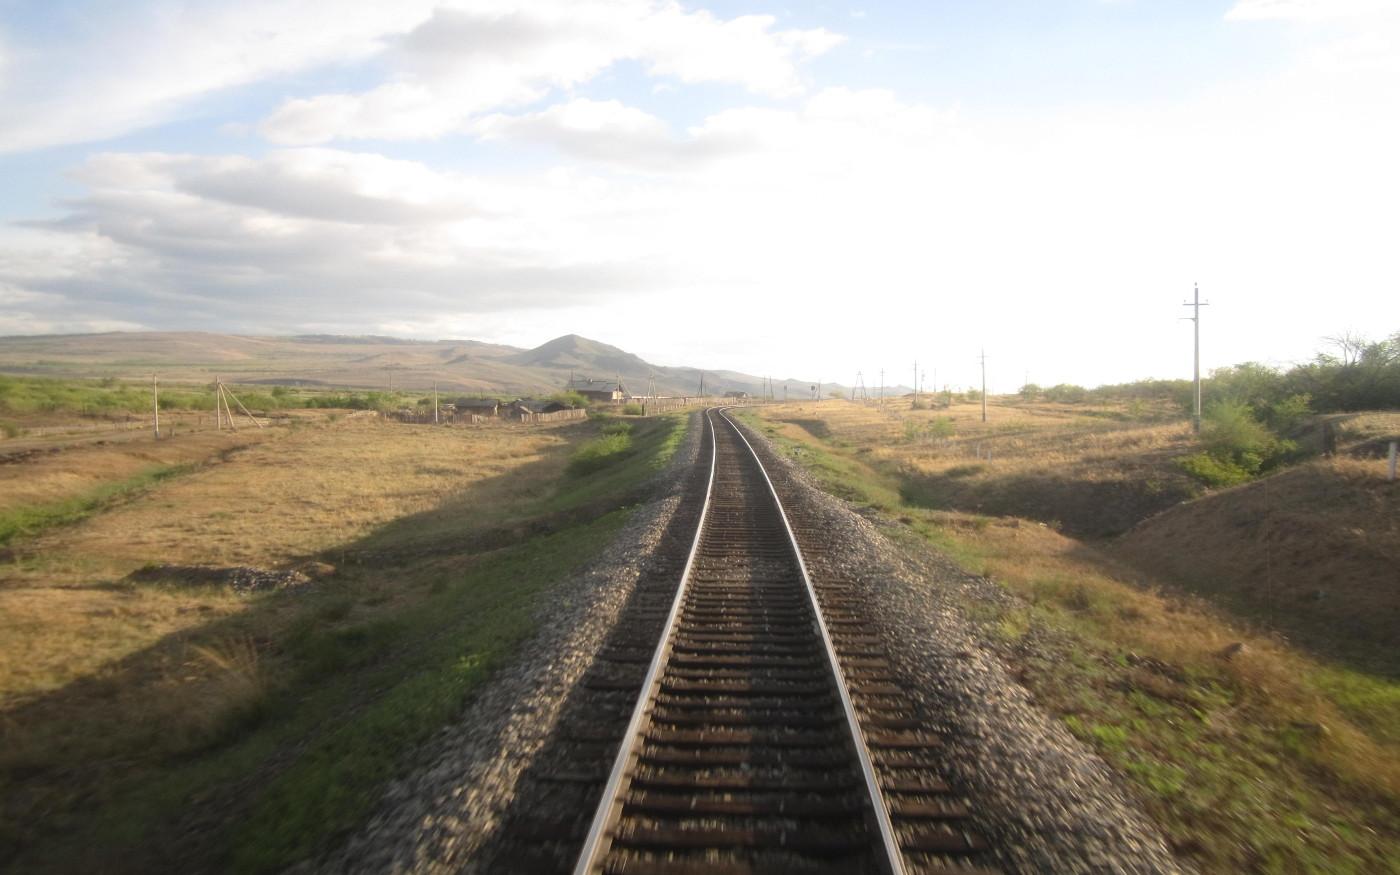 Jednotorowy szlak transmongolski